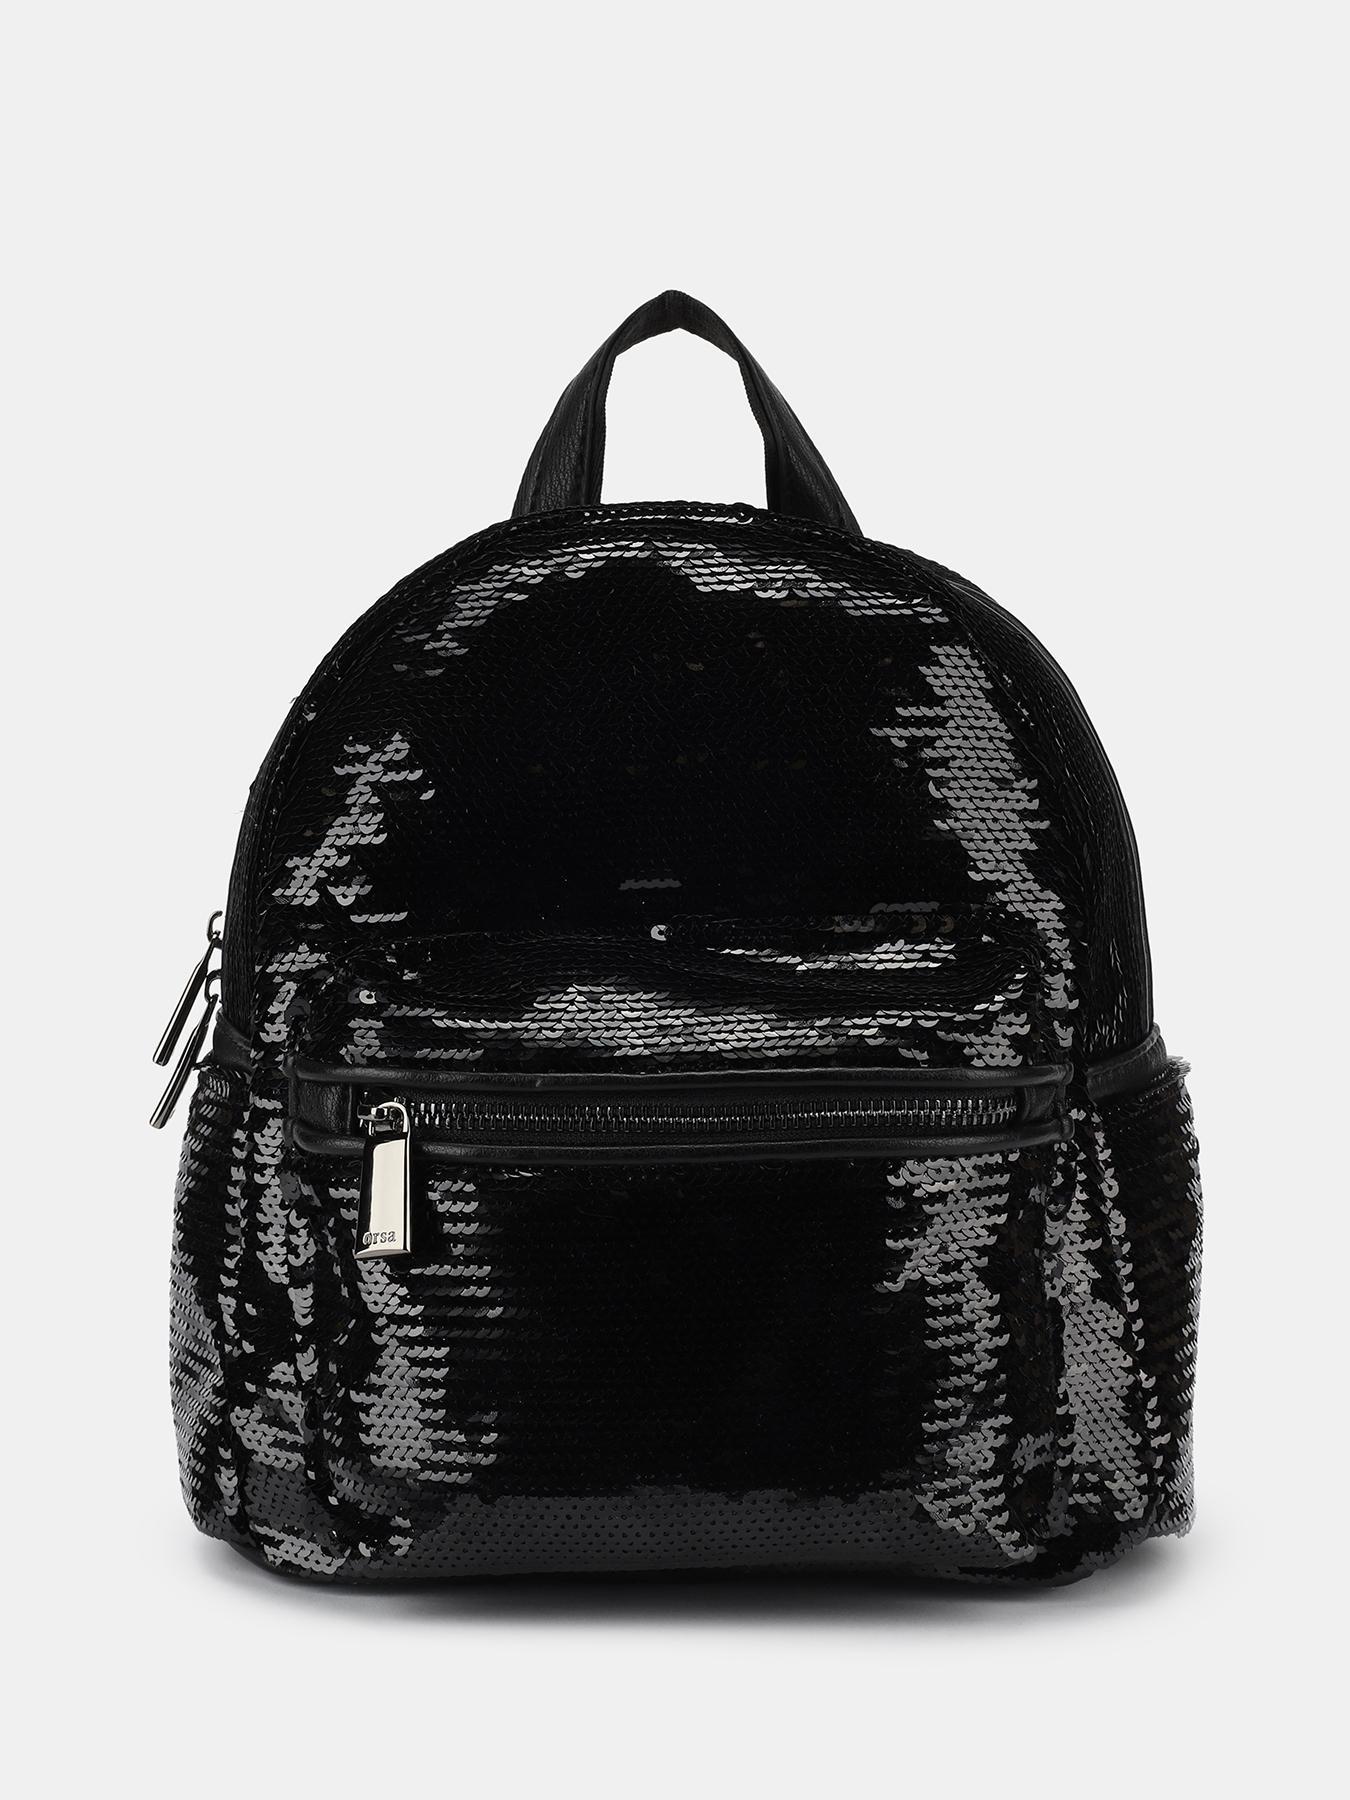 Рюкзаки ORSA Рюкзак с пайетками рюкзаки orsa женский рюкзак